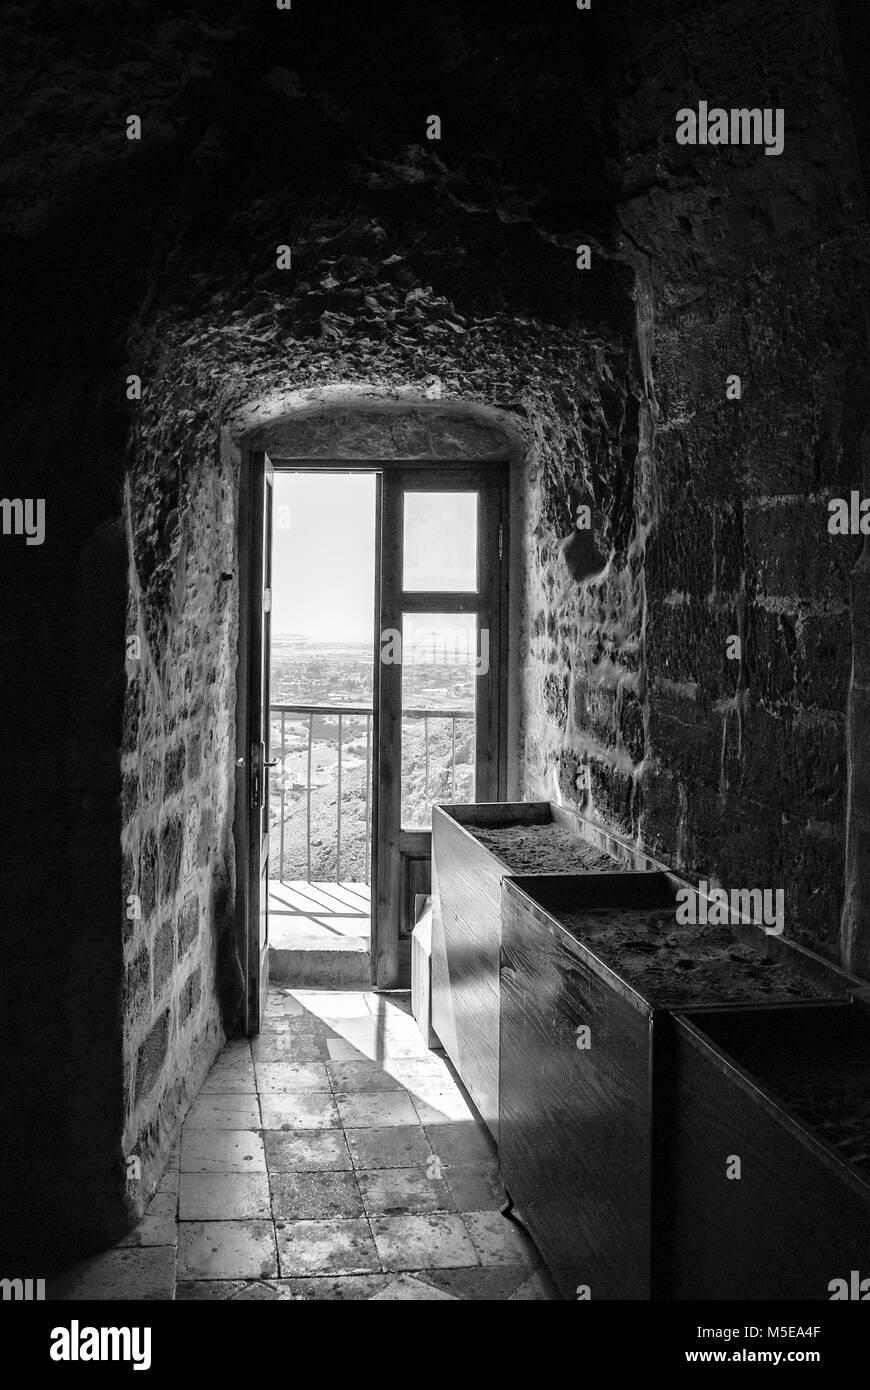 Fotografía En Blanco Y Negro De La Habitación Oscura Con